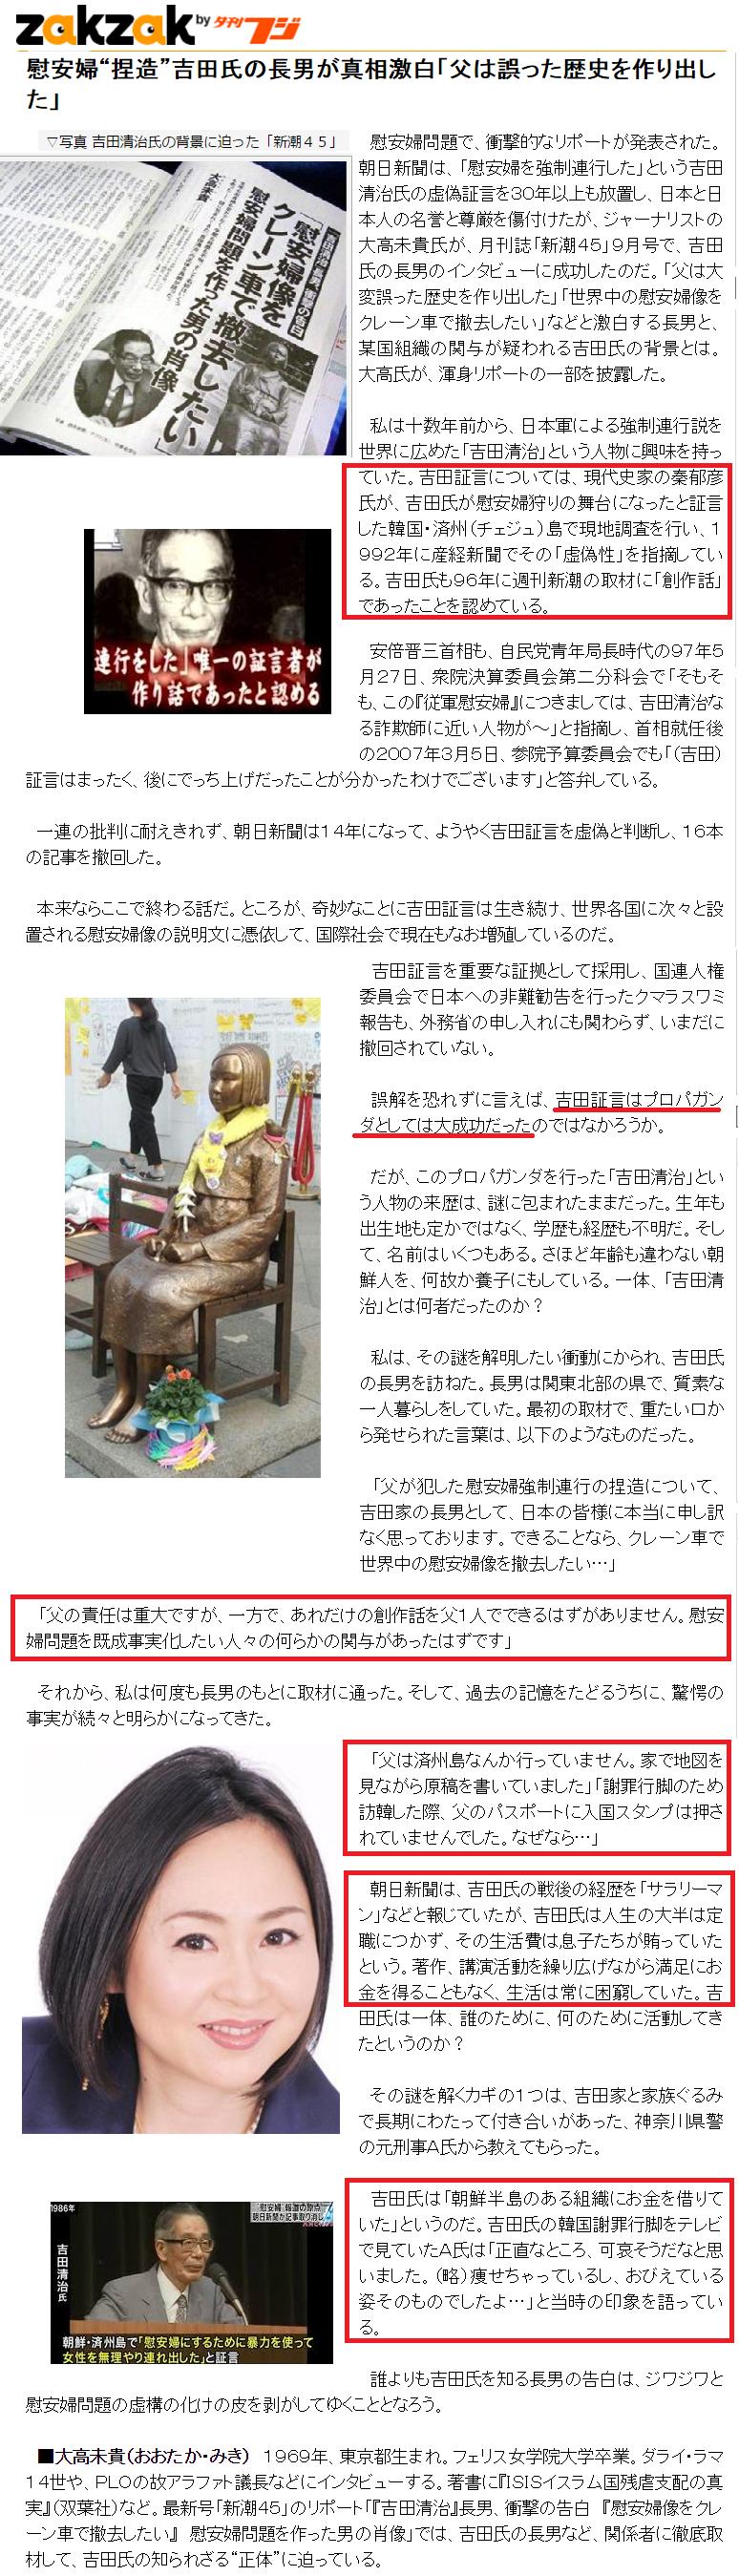 吉田清治の息子が証言「父はチョンで、チョン達から借金していた」